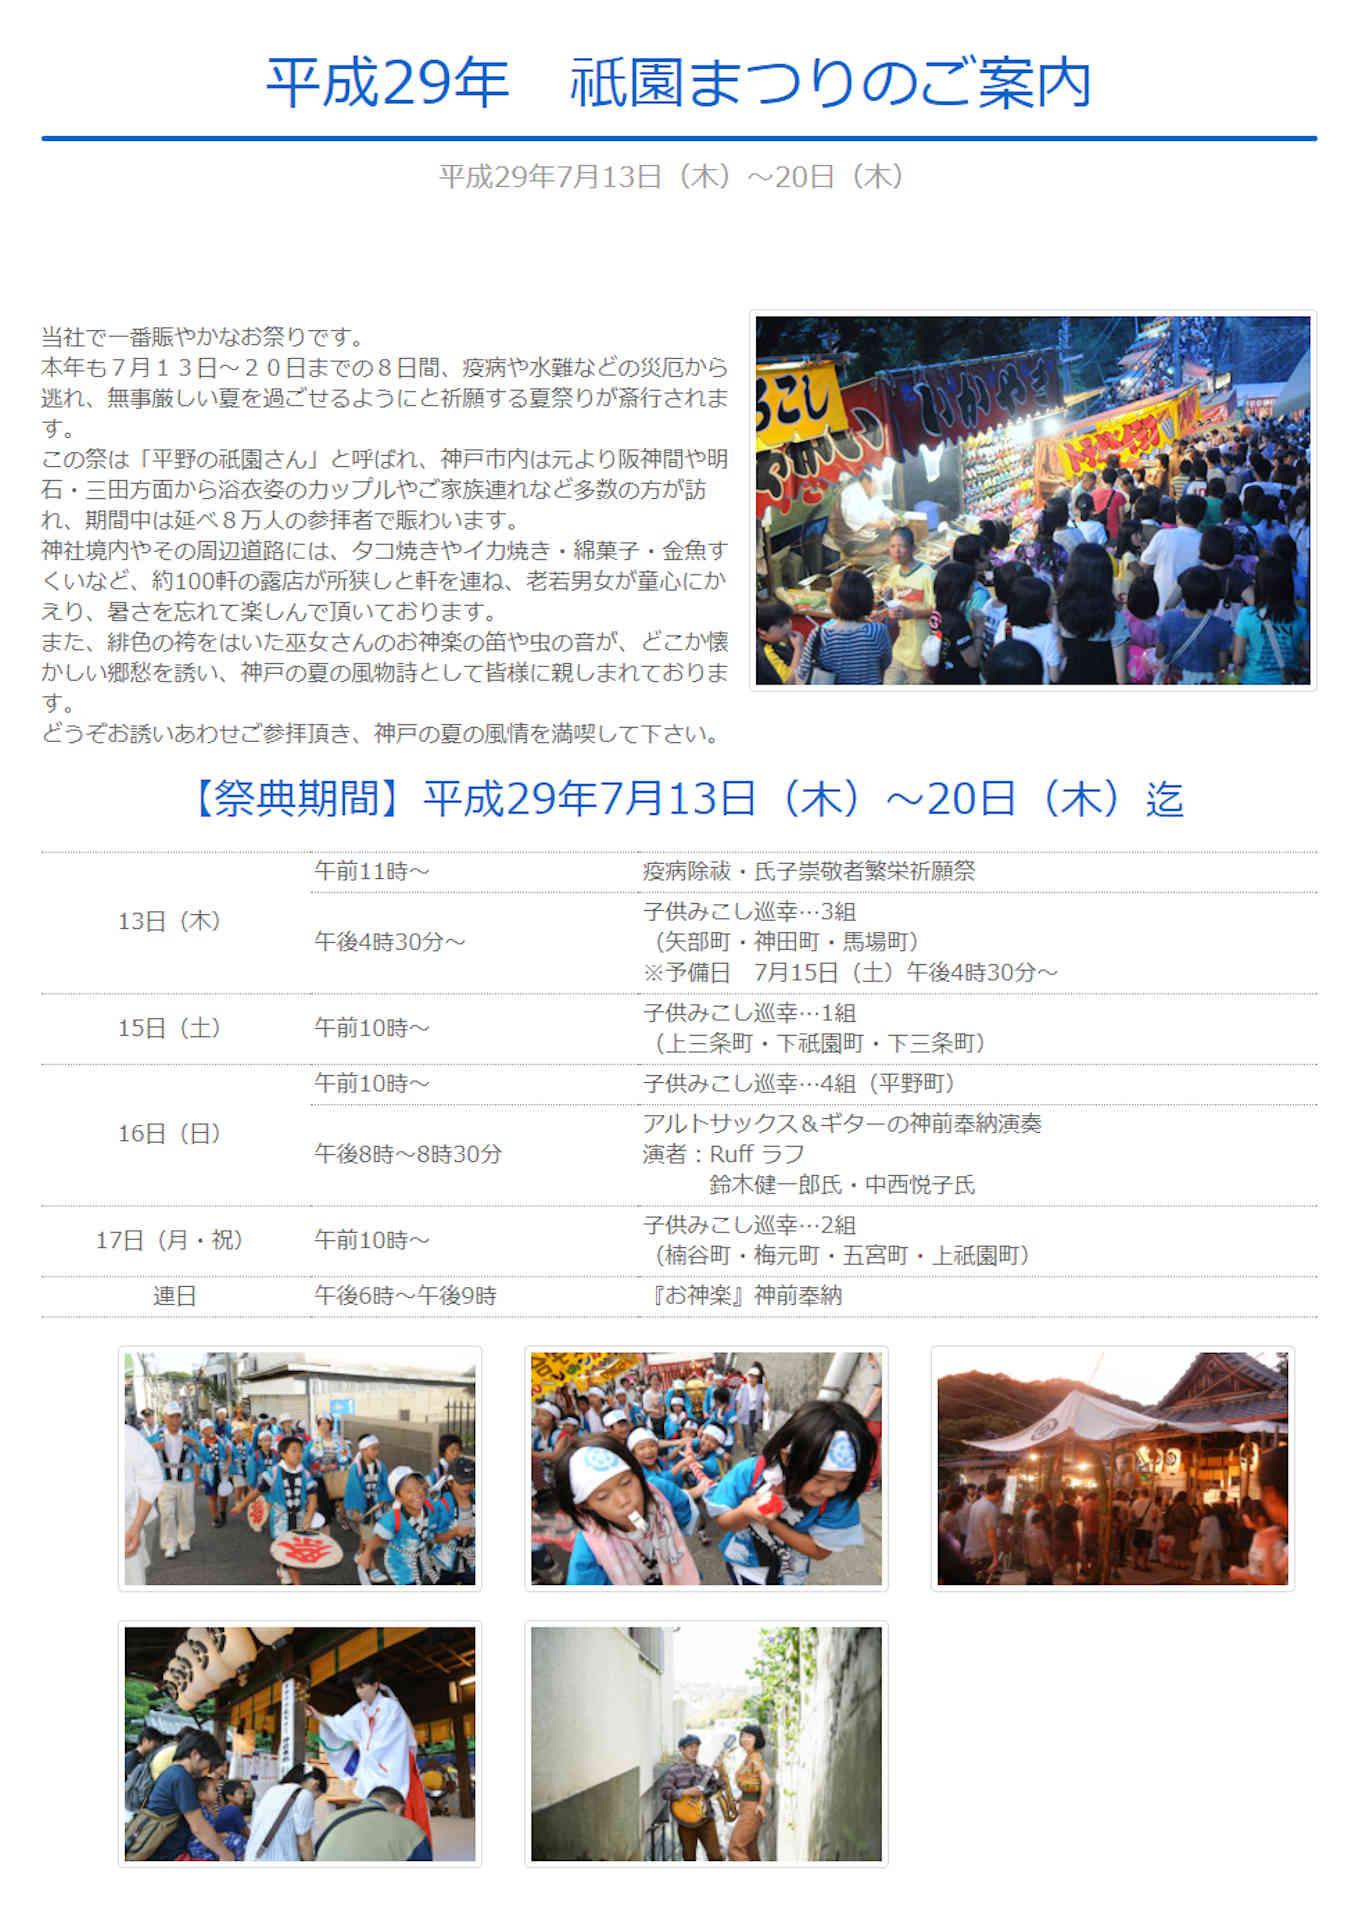 祇園まつり 神戸 祇園神社の夏祭り